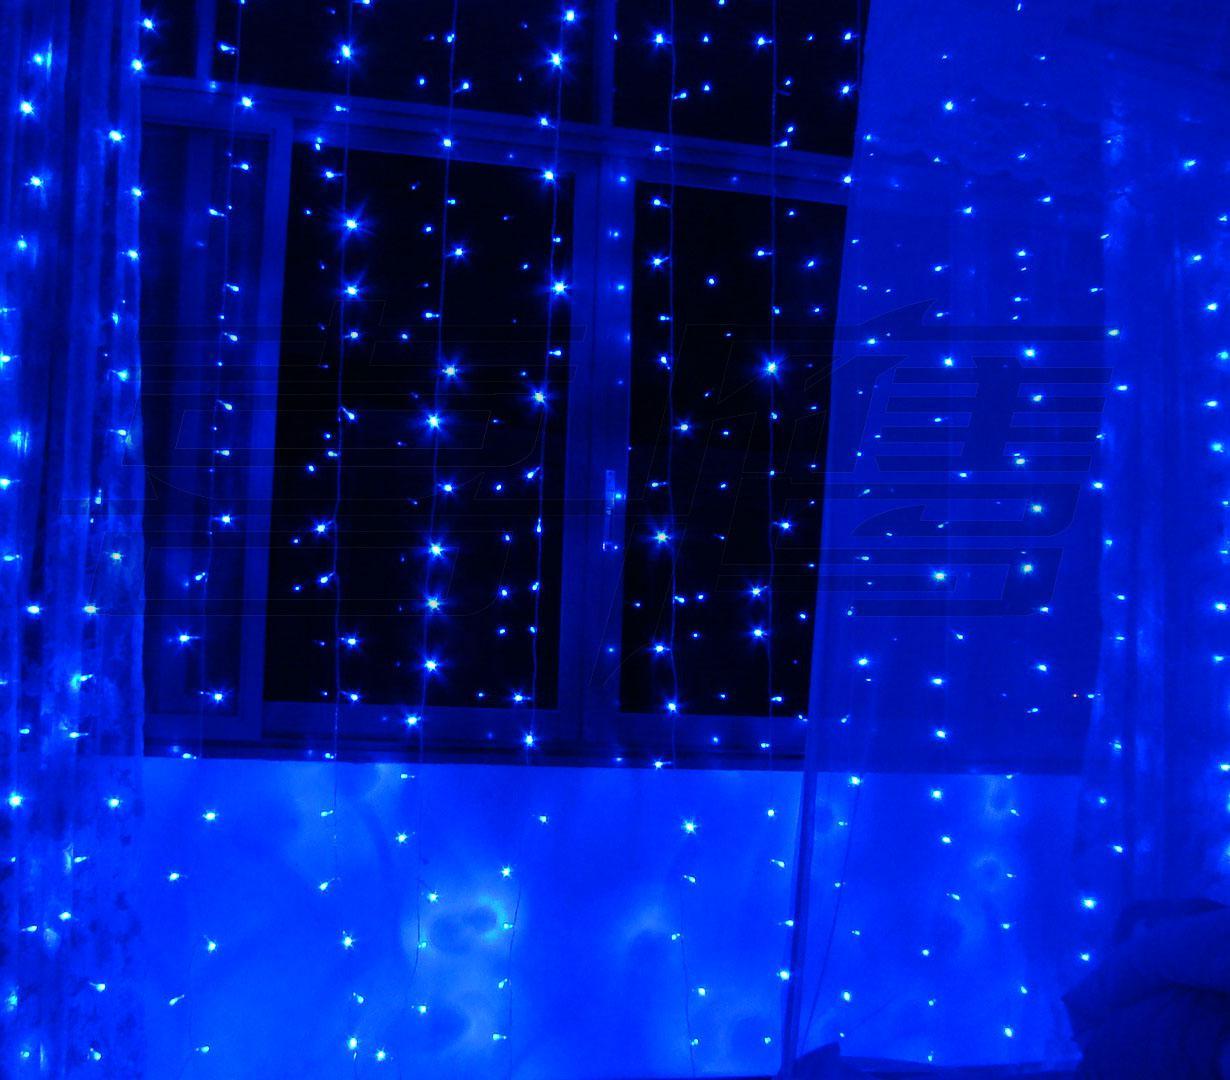 500 luces LED 5 m * 3 m Luces de cortina, luz de adorno de Navidad, luz de colores de Weddind de destello, luces de hadas luz de tira de iluminación LED impermeable